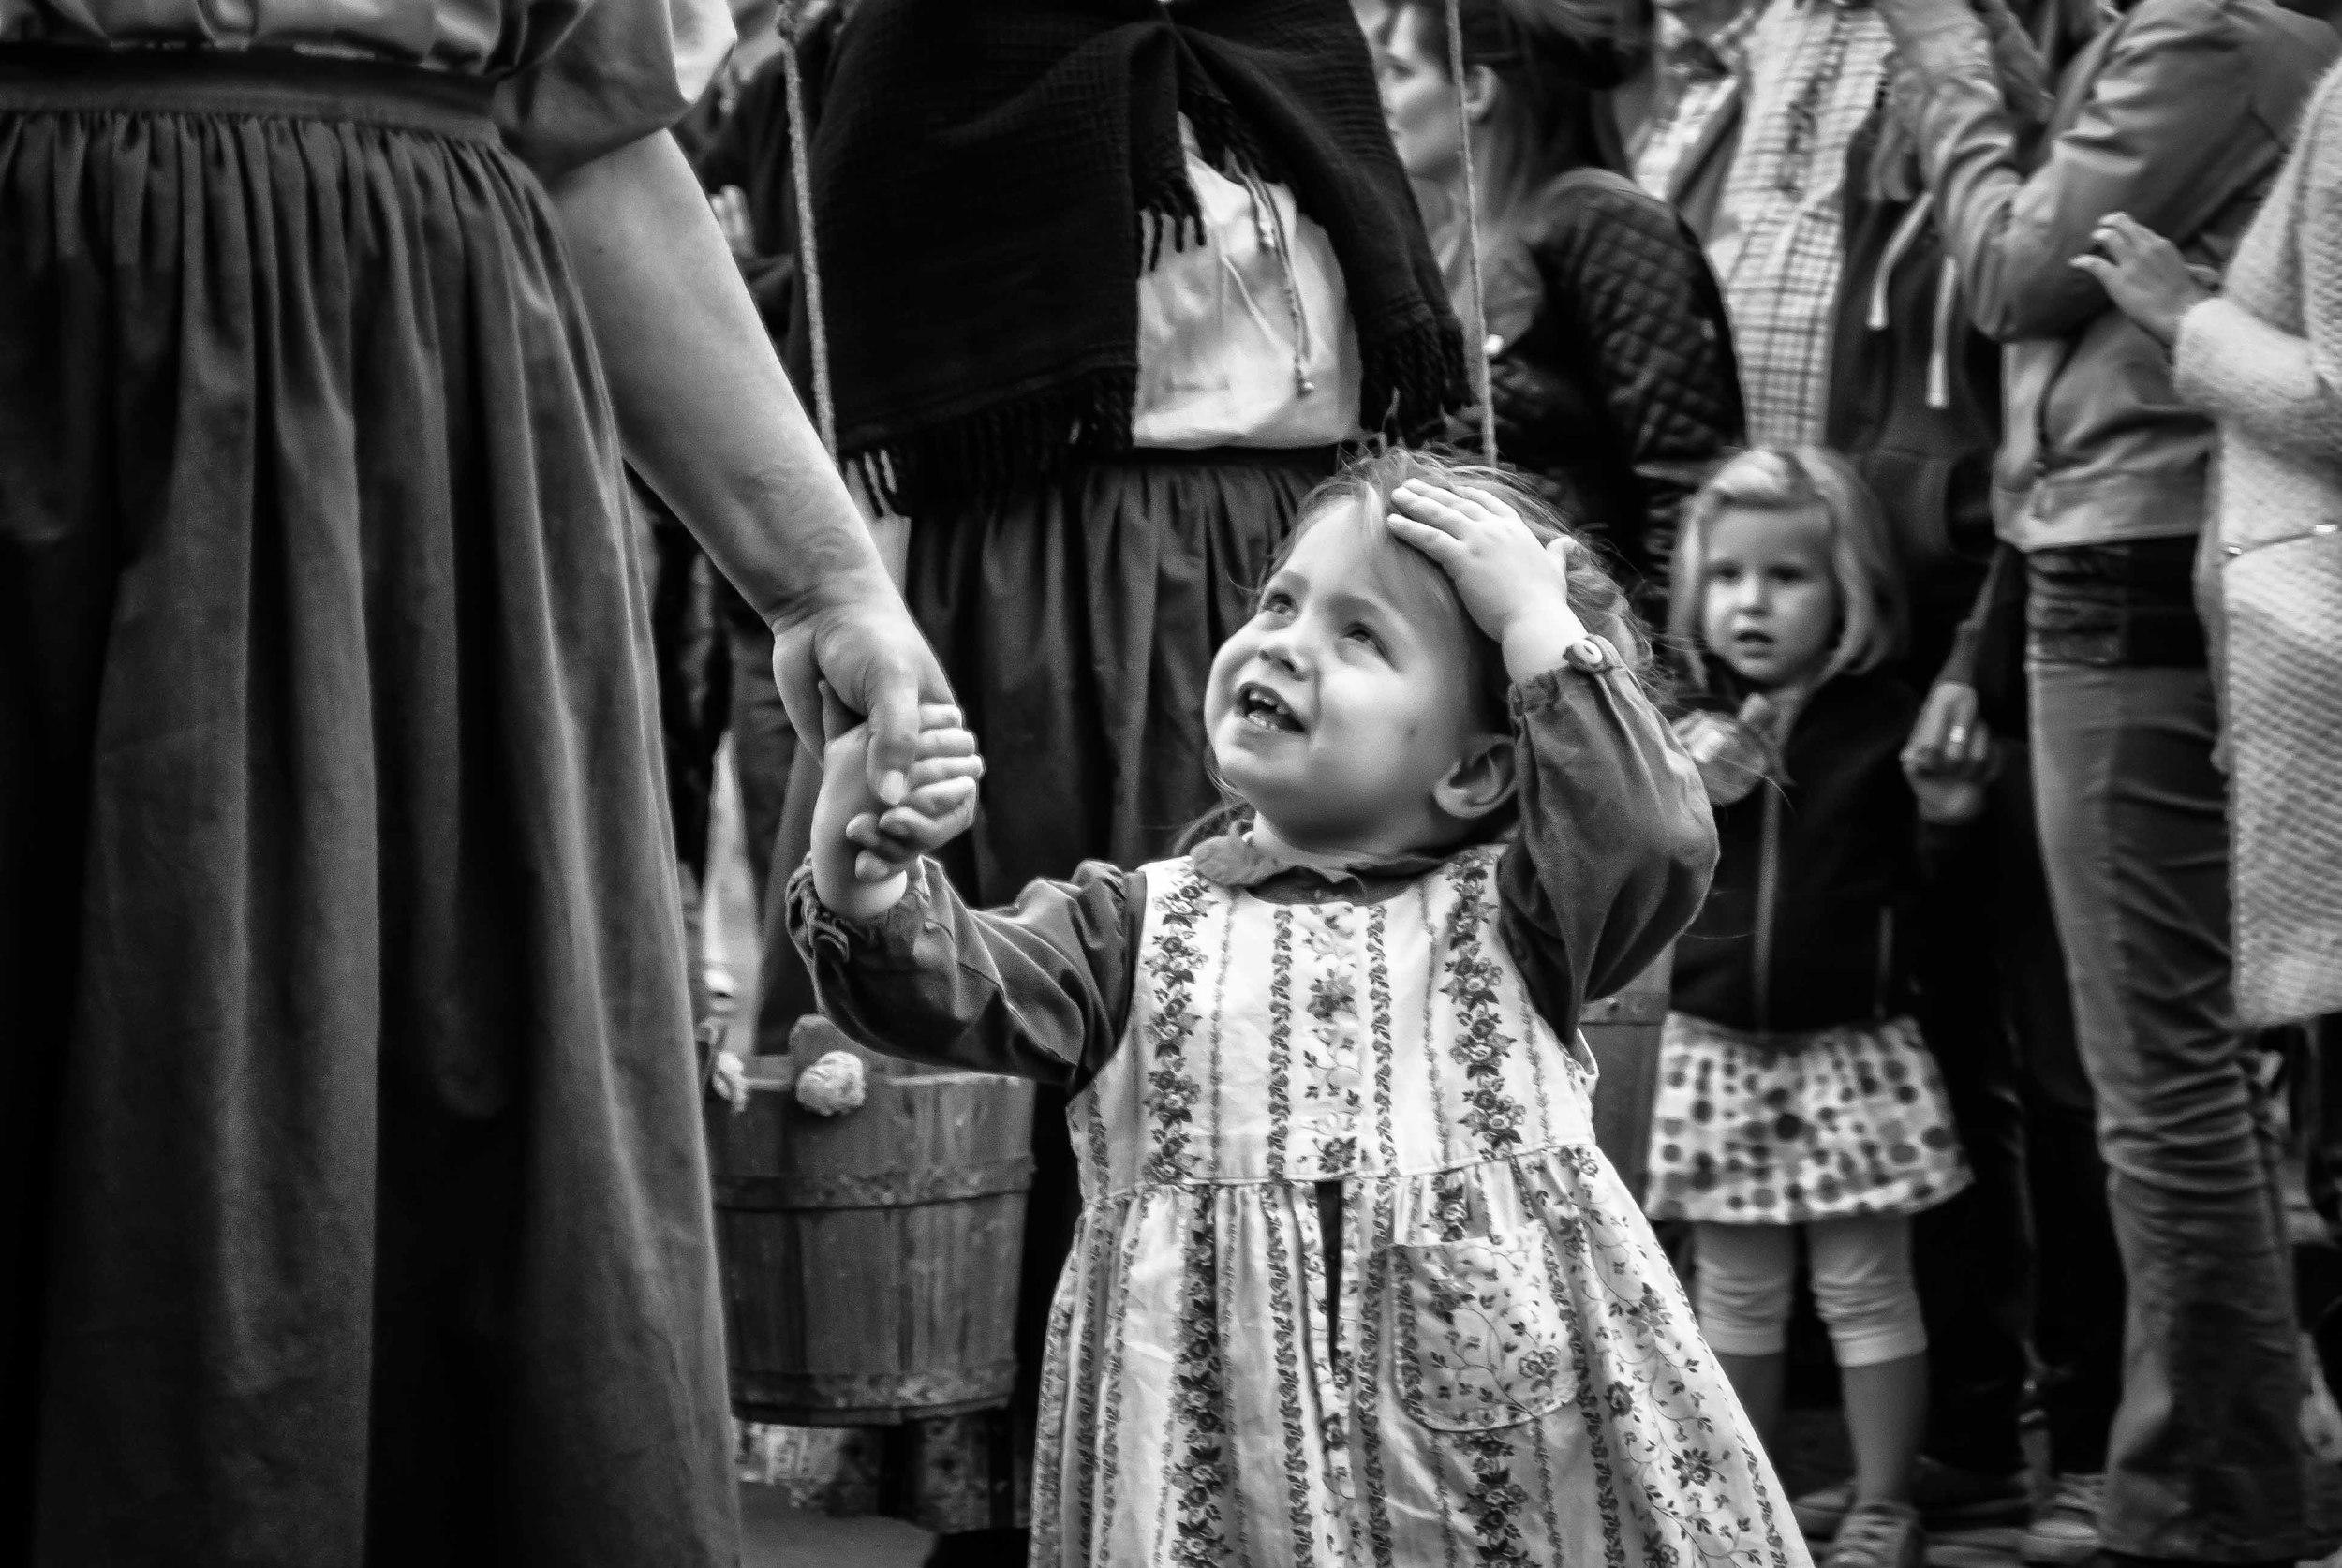 Hand-in-hand met mama (?) In ieder geval was dit kleine meisje veel aan het babbelen en vragen aan het stellen.